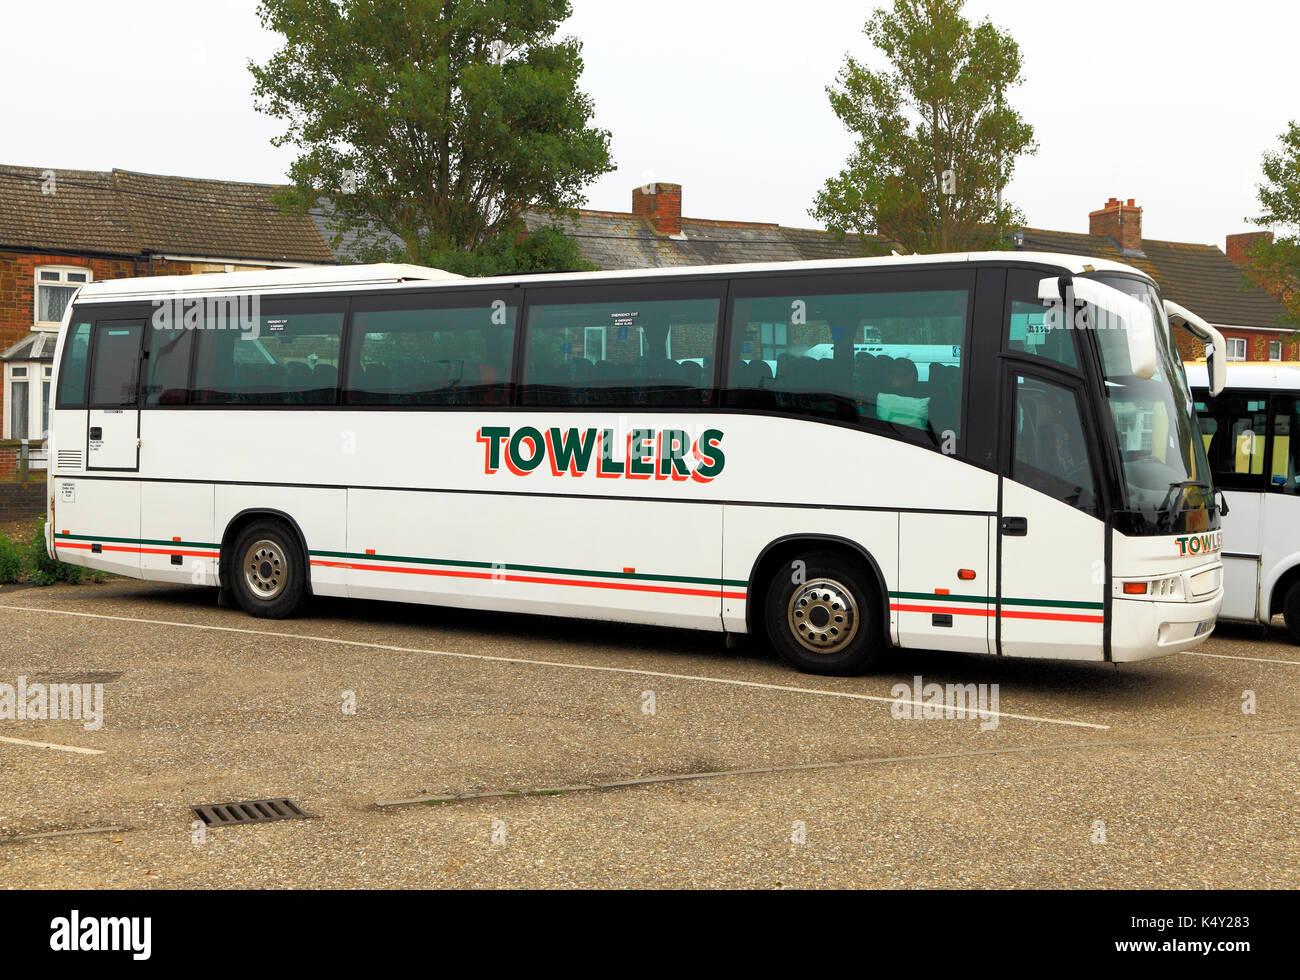 Towlers Coaches, Trainer, Ausflüge, Ausflug, Ausflüge, Ausflug, Reisen unternehmen, Unternehmen, Urlaub, Ferien, Reisen, Verkehr, Bus, England, Großbritannien Stockbild